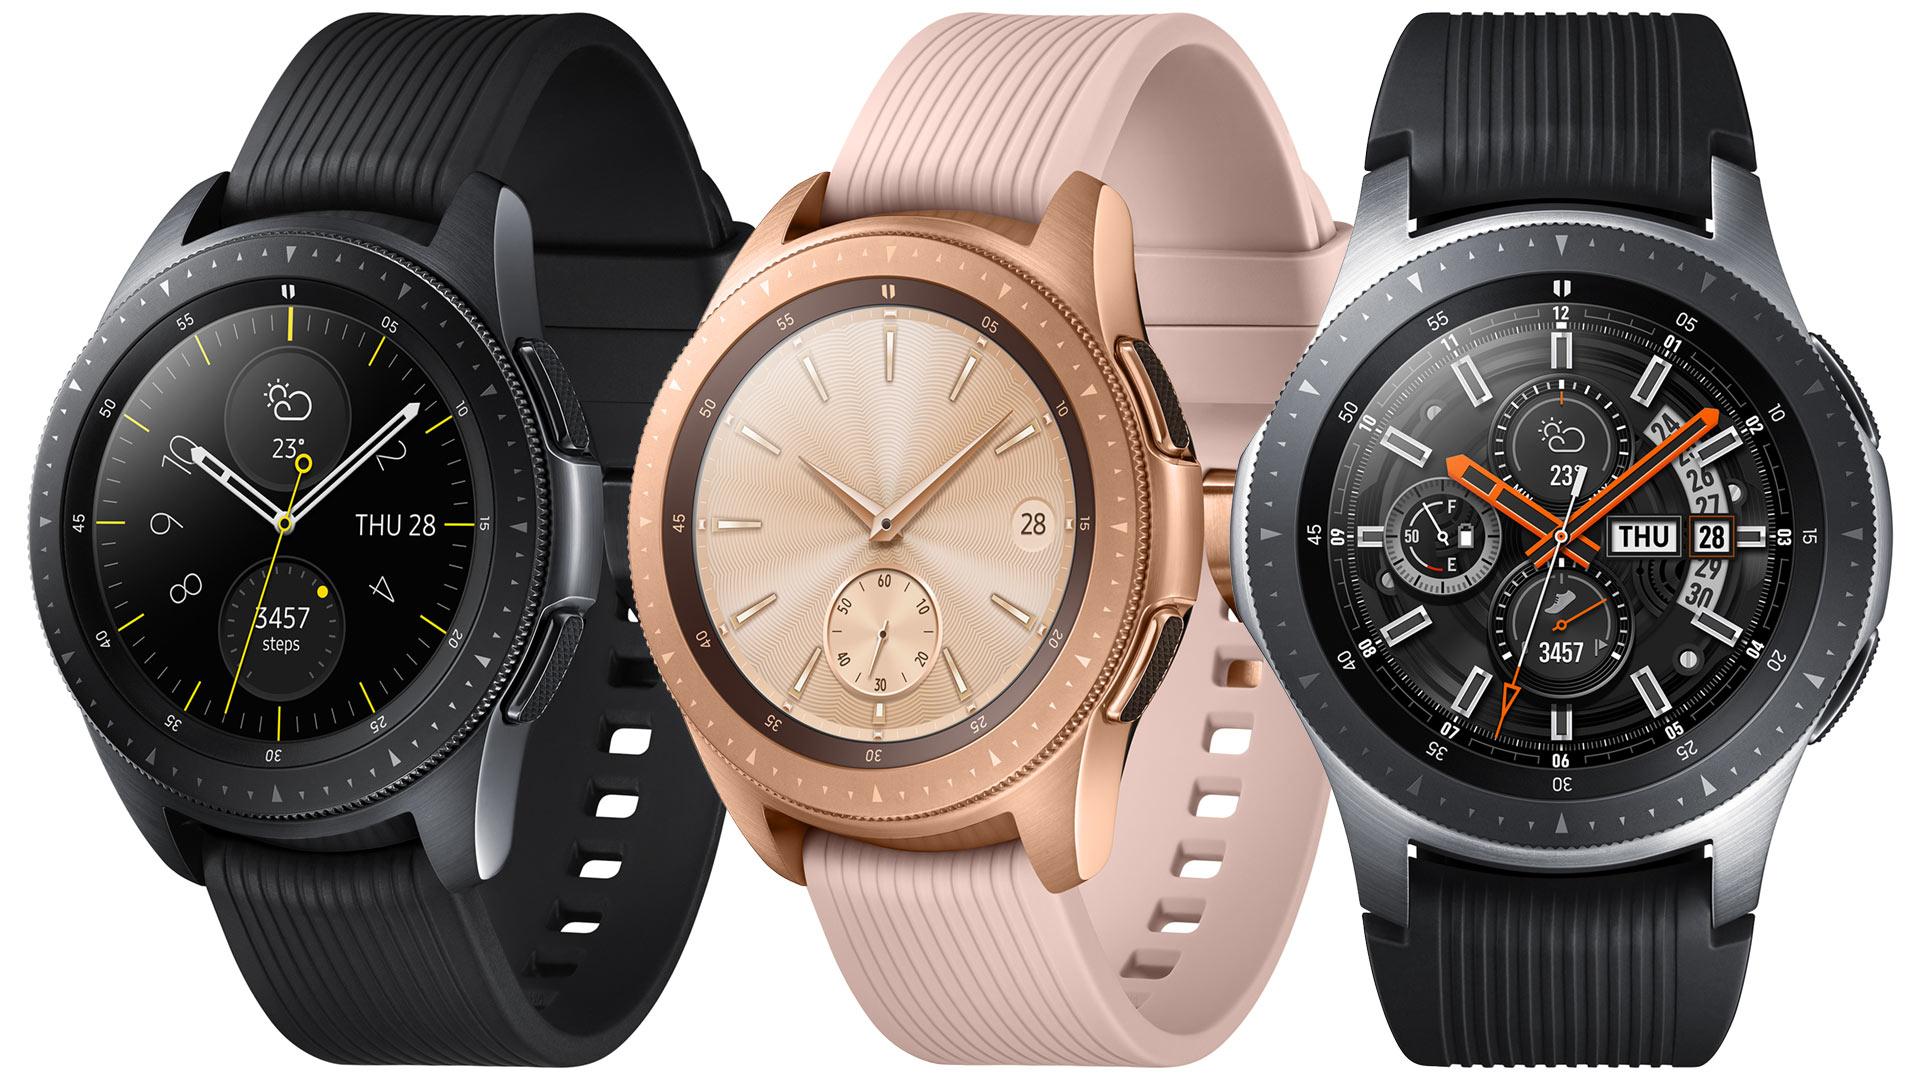 Hasil gambar untuk galaxy watch 2018